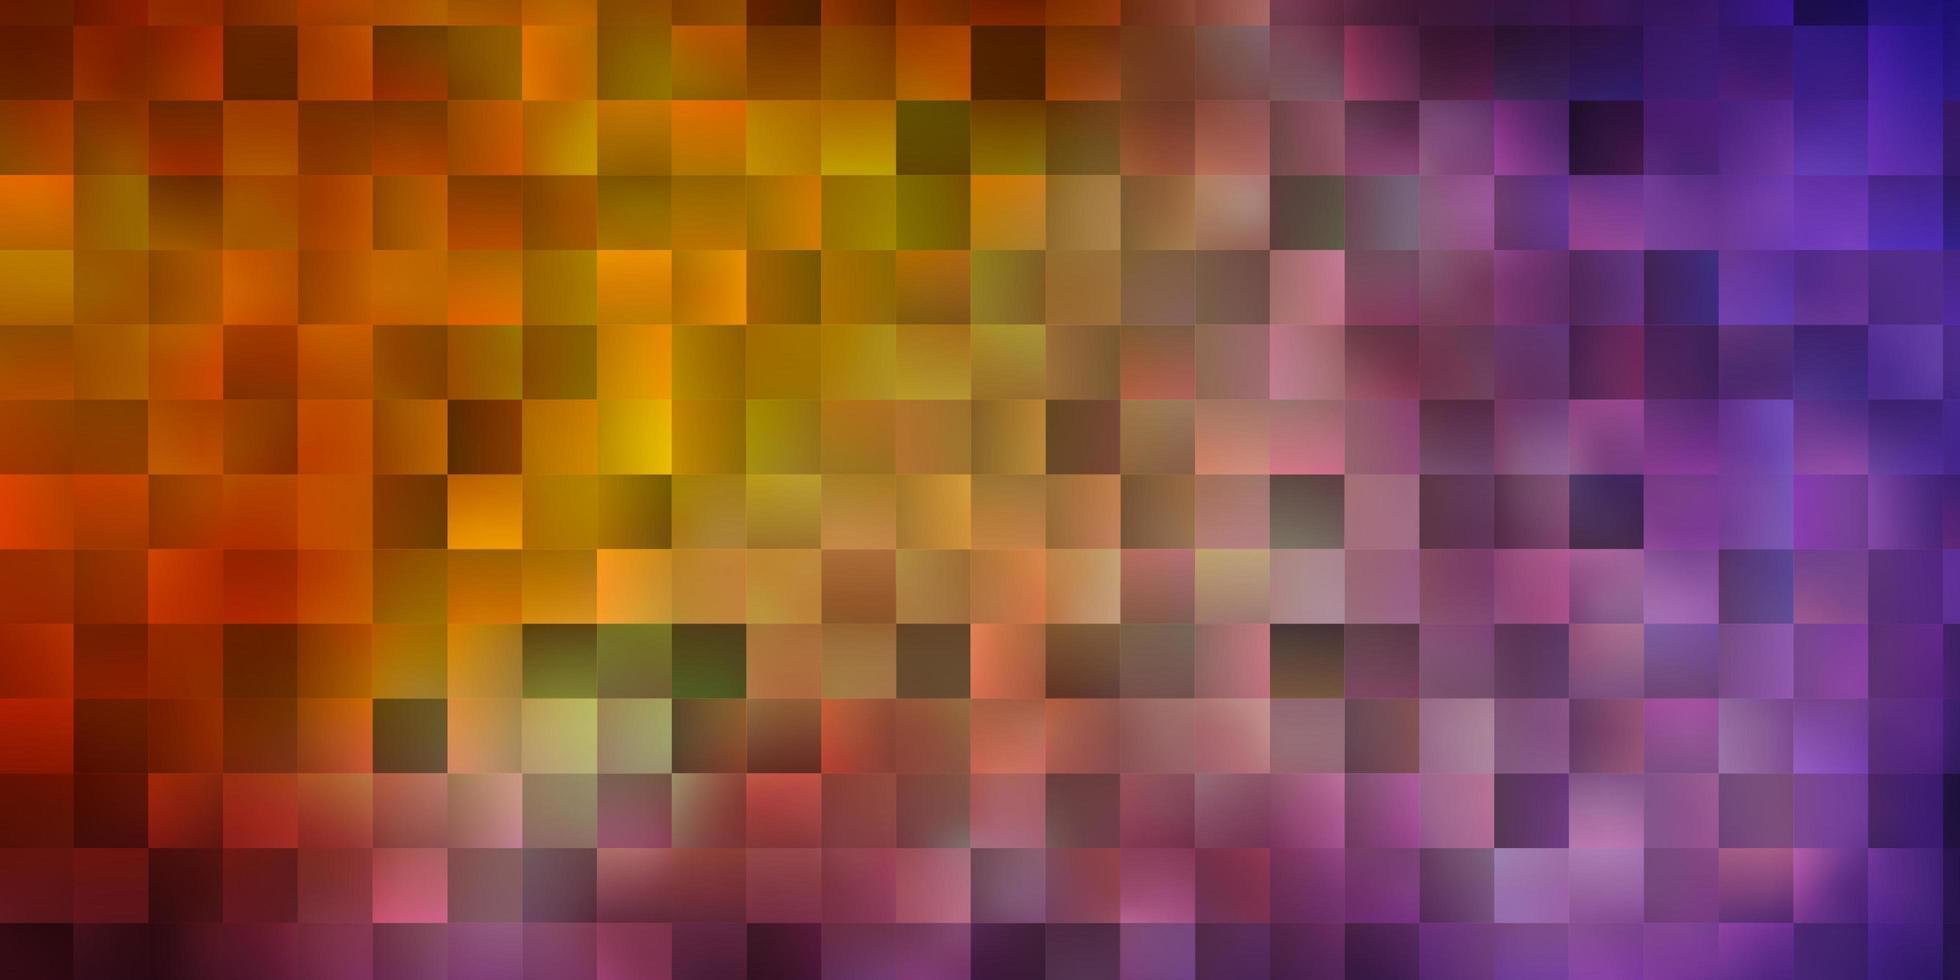 rode en gele lay-out met lijnen, rechthoeken. vector